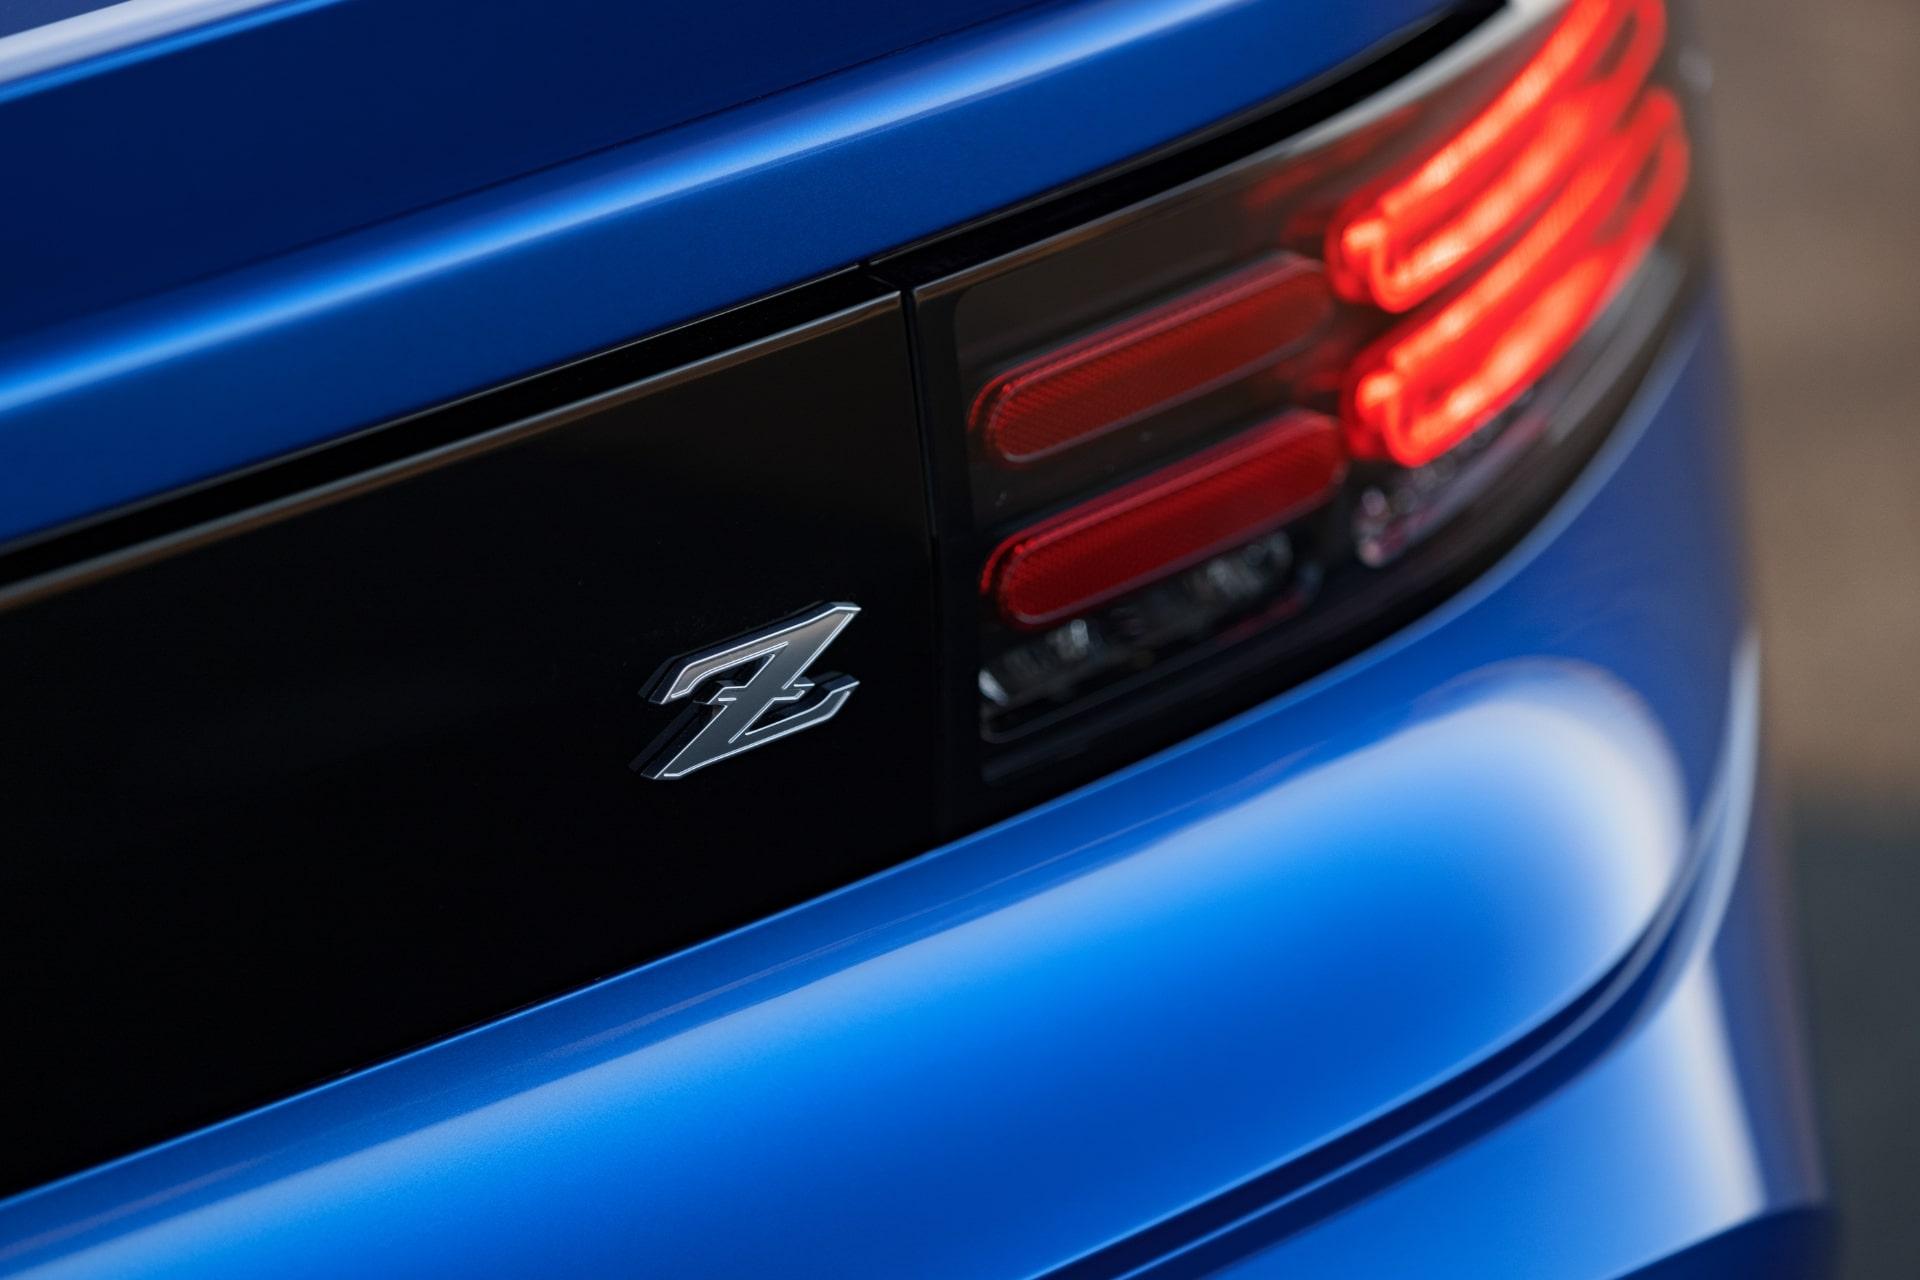 日産「Z」 LEDテールランプ(米国市場)「Performance」グレード